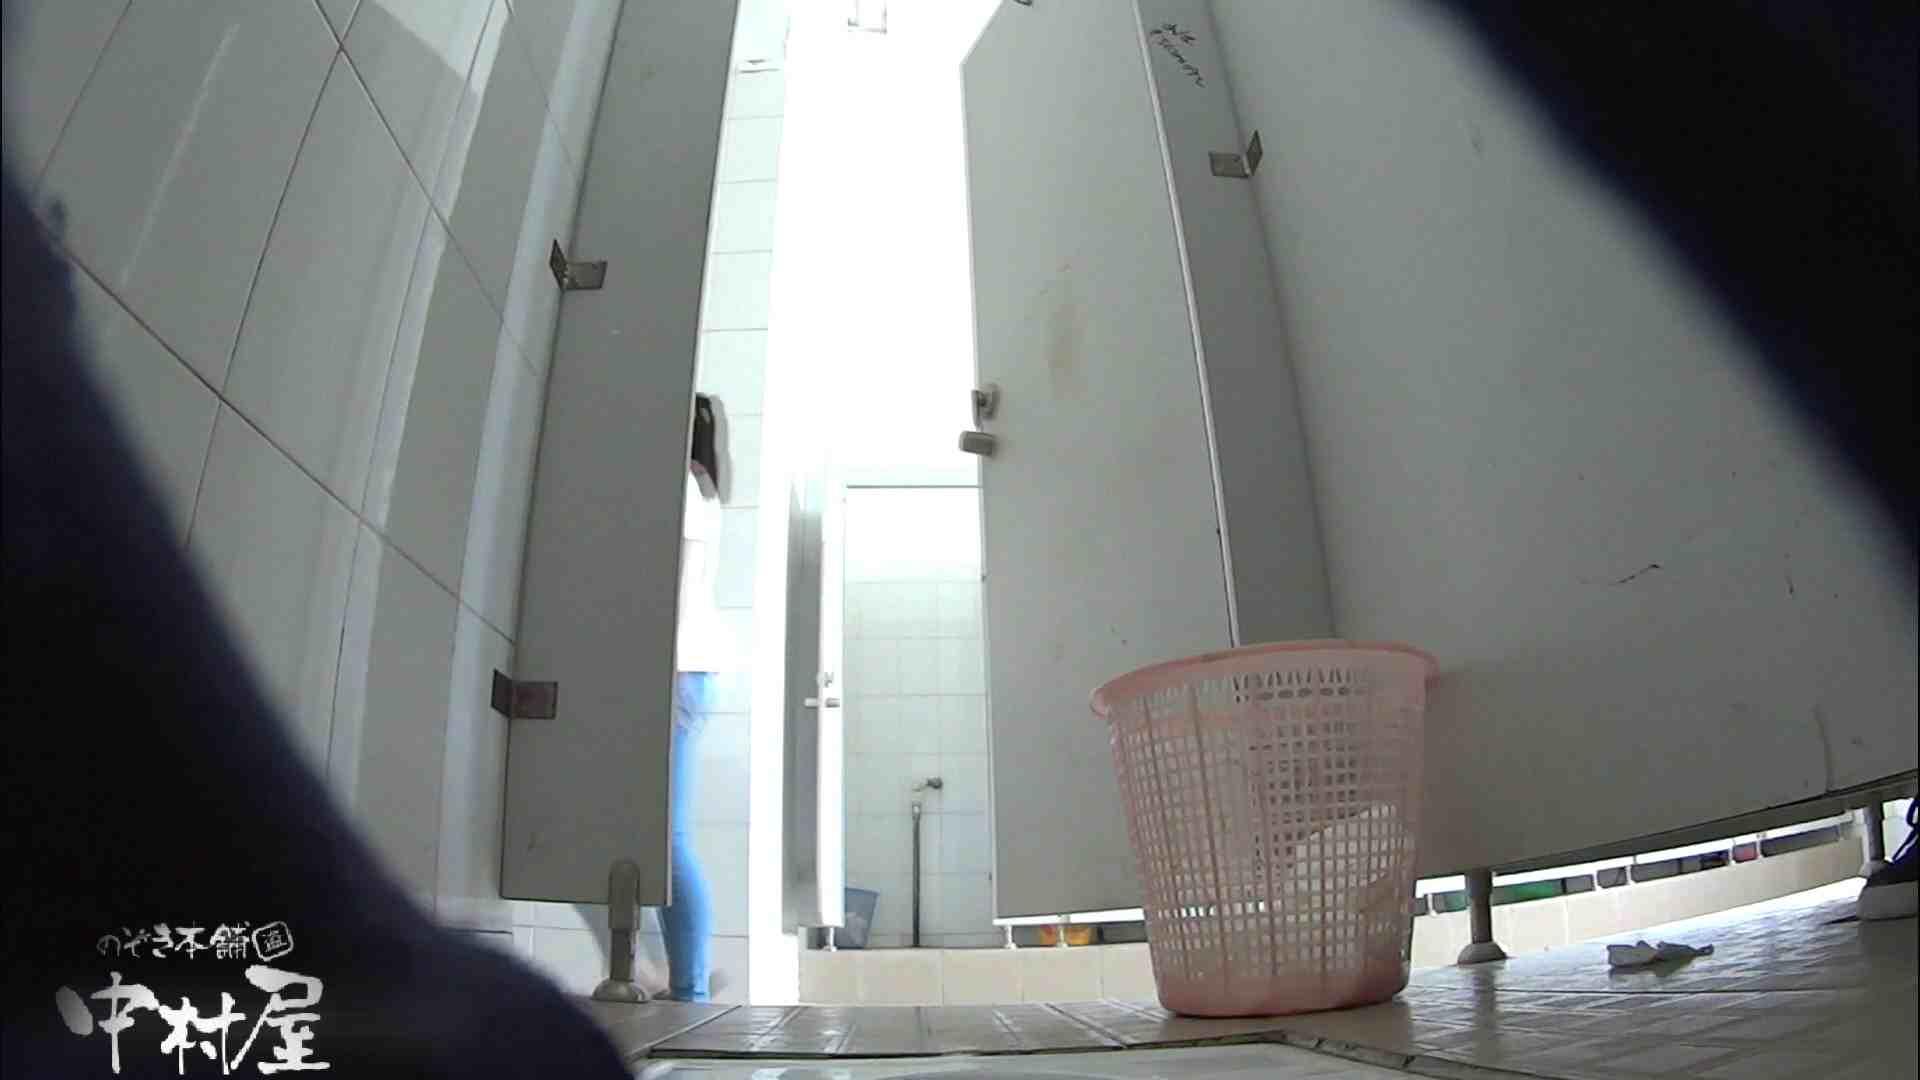 名大学休憩時間の洗面所事情01 盗撮映像  85Pix 67